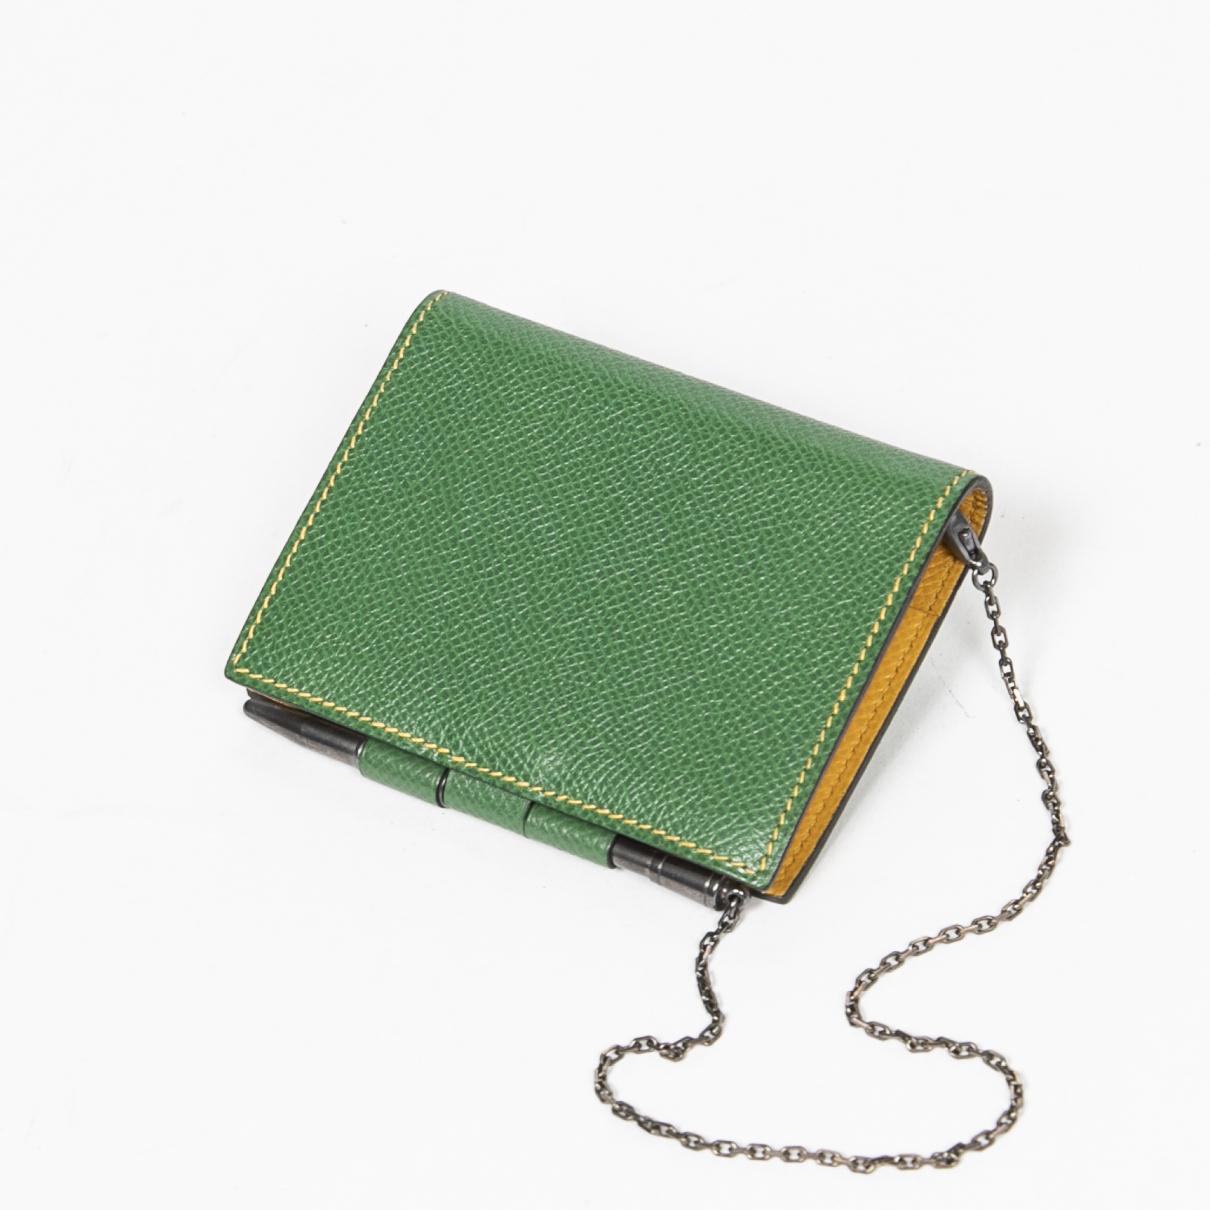 Hermes \N Portemonnaie in  Gruen Leder